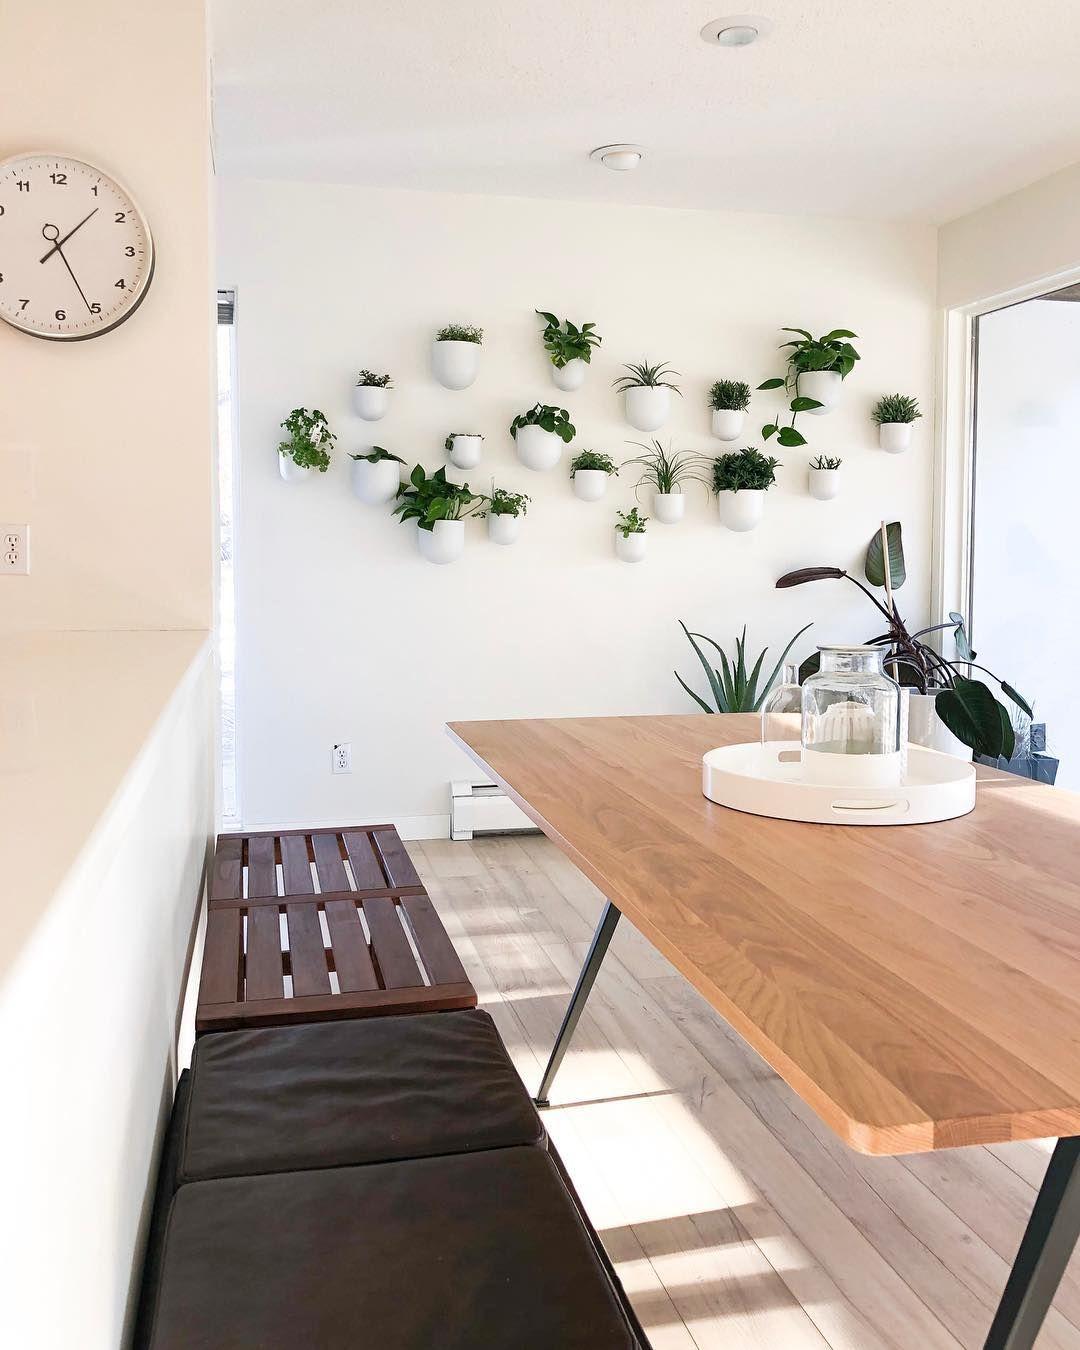 Minimalist Dining Room Wall Decor Indoor